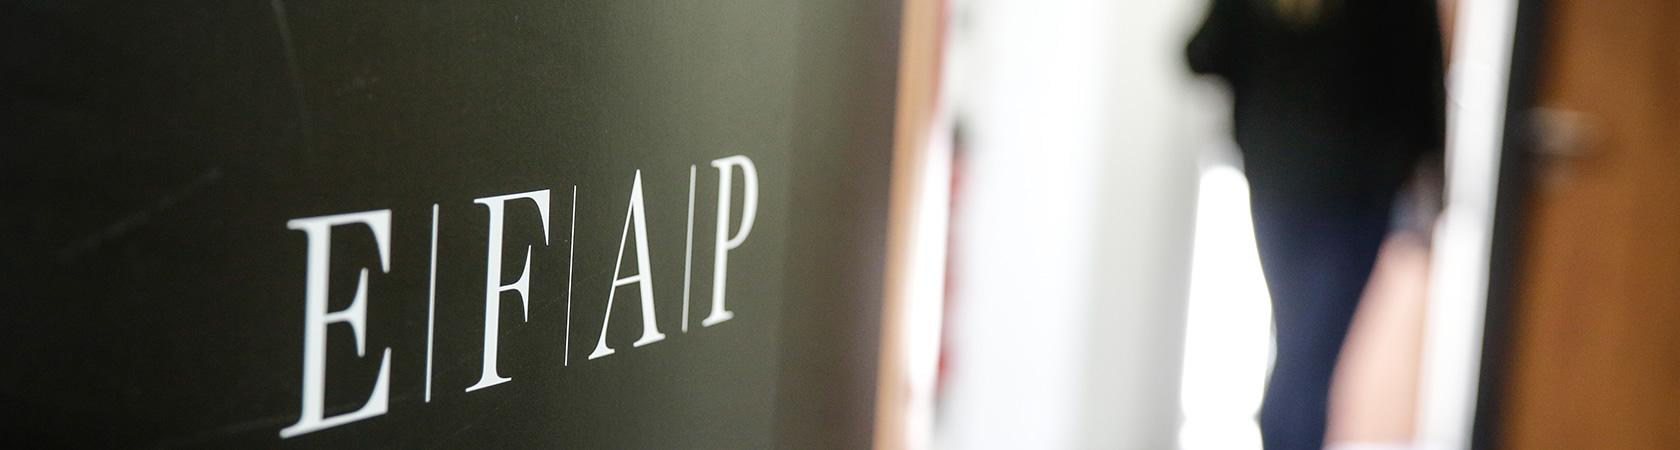 École de Communication EFAP - Entretien Personnalisé MBA Spécialié